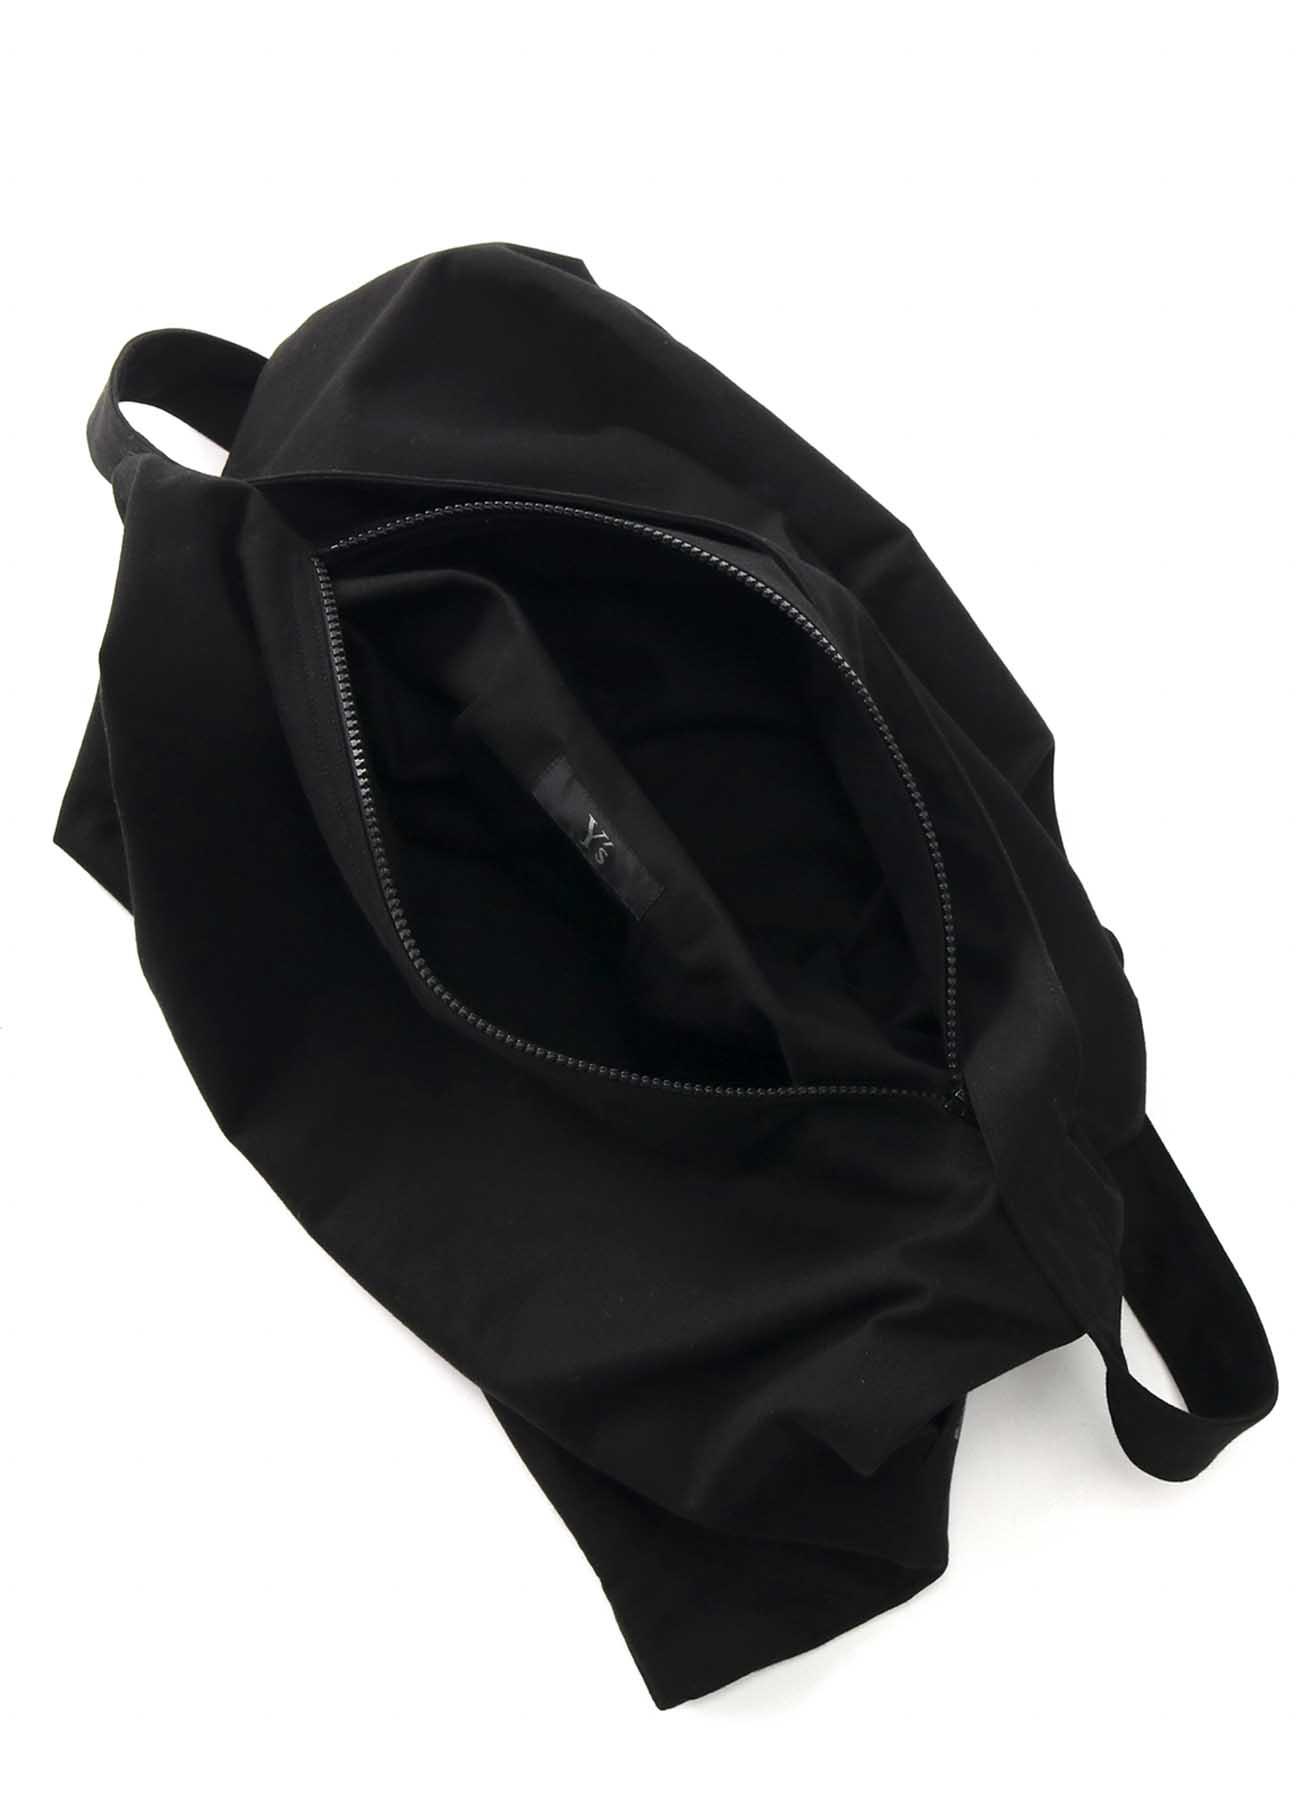 NO.11 CANVAS MESSANGER BAG